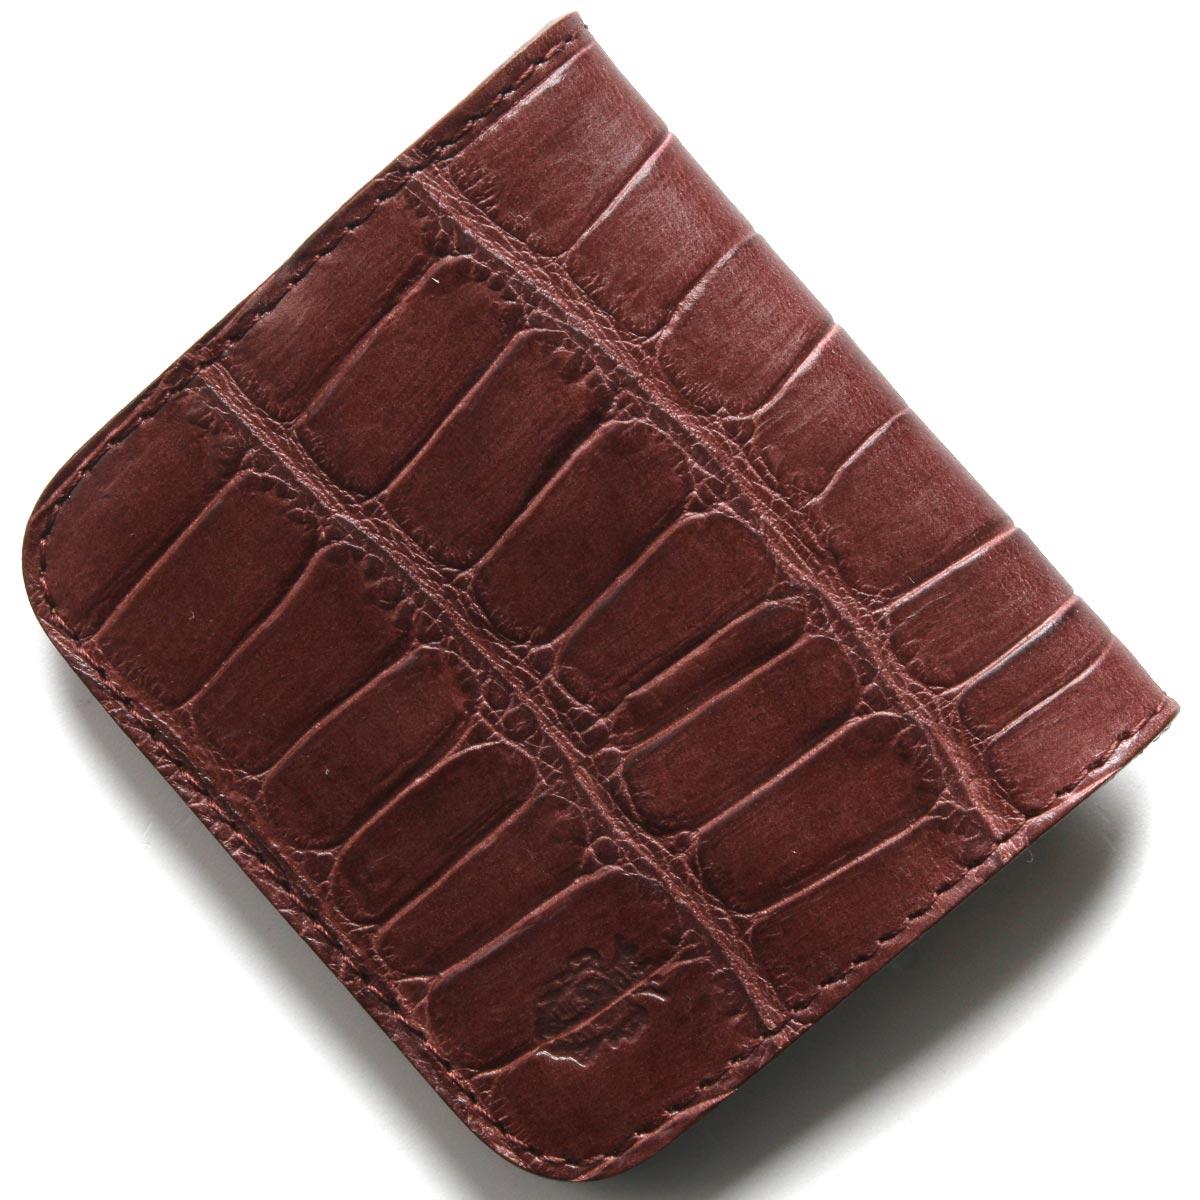 フェリージ コインケース【小銭入れ】 財布 メンズ クロコ型押し ボルドー 914 SA 0026 FELISI